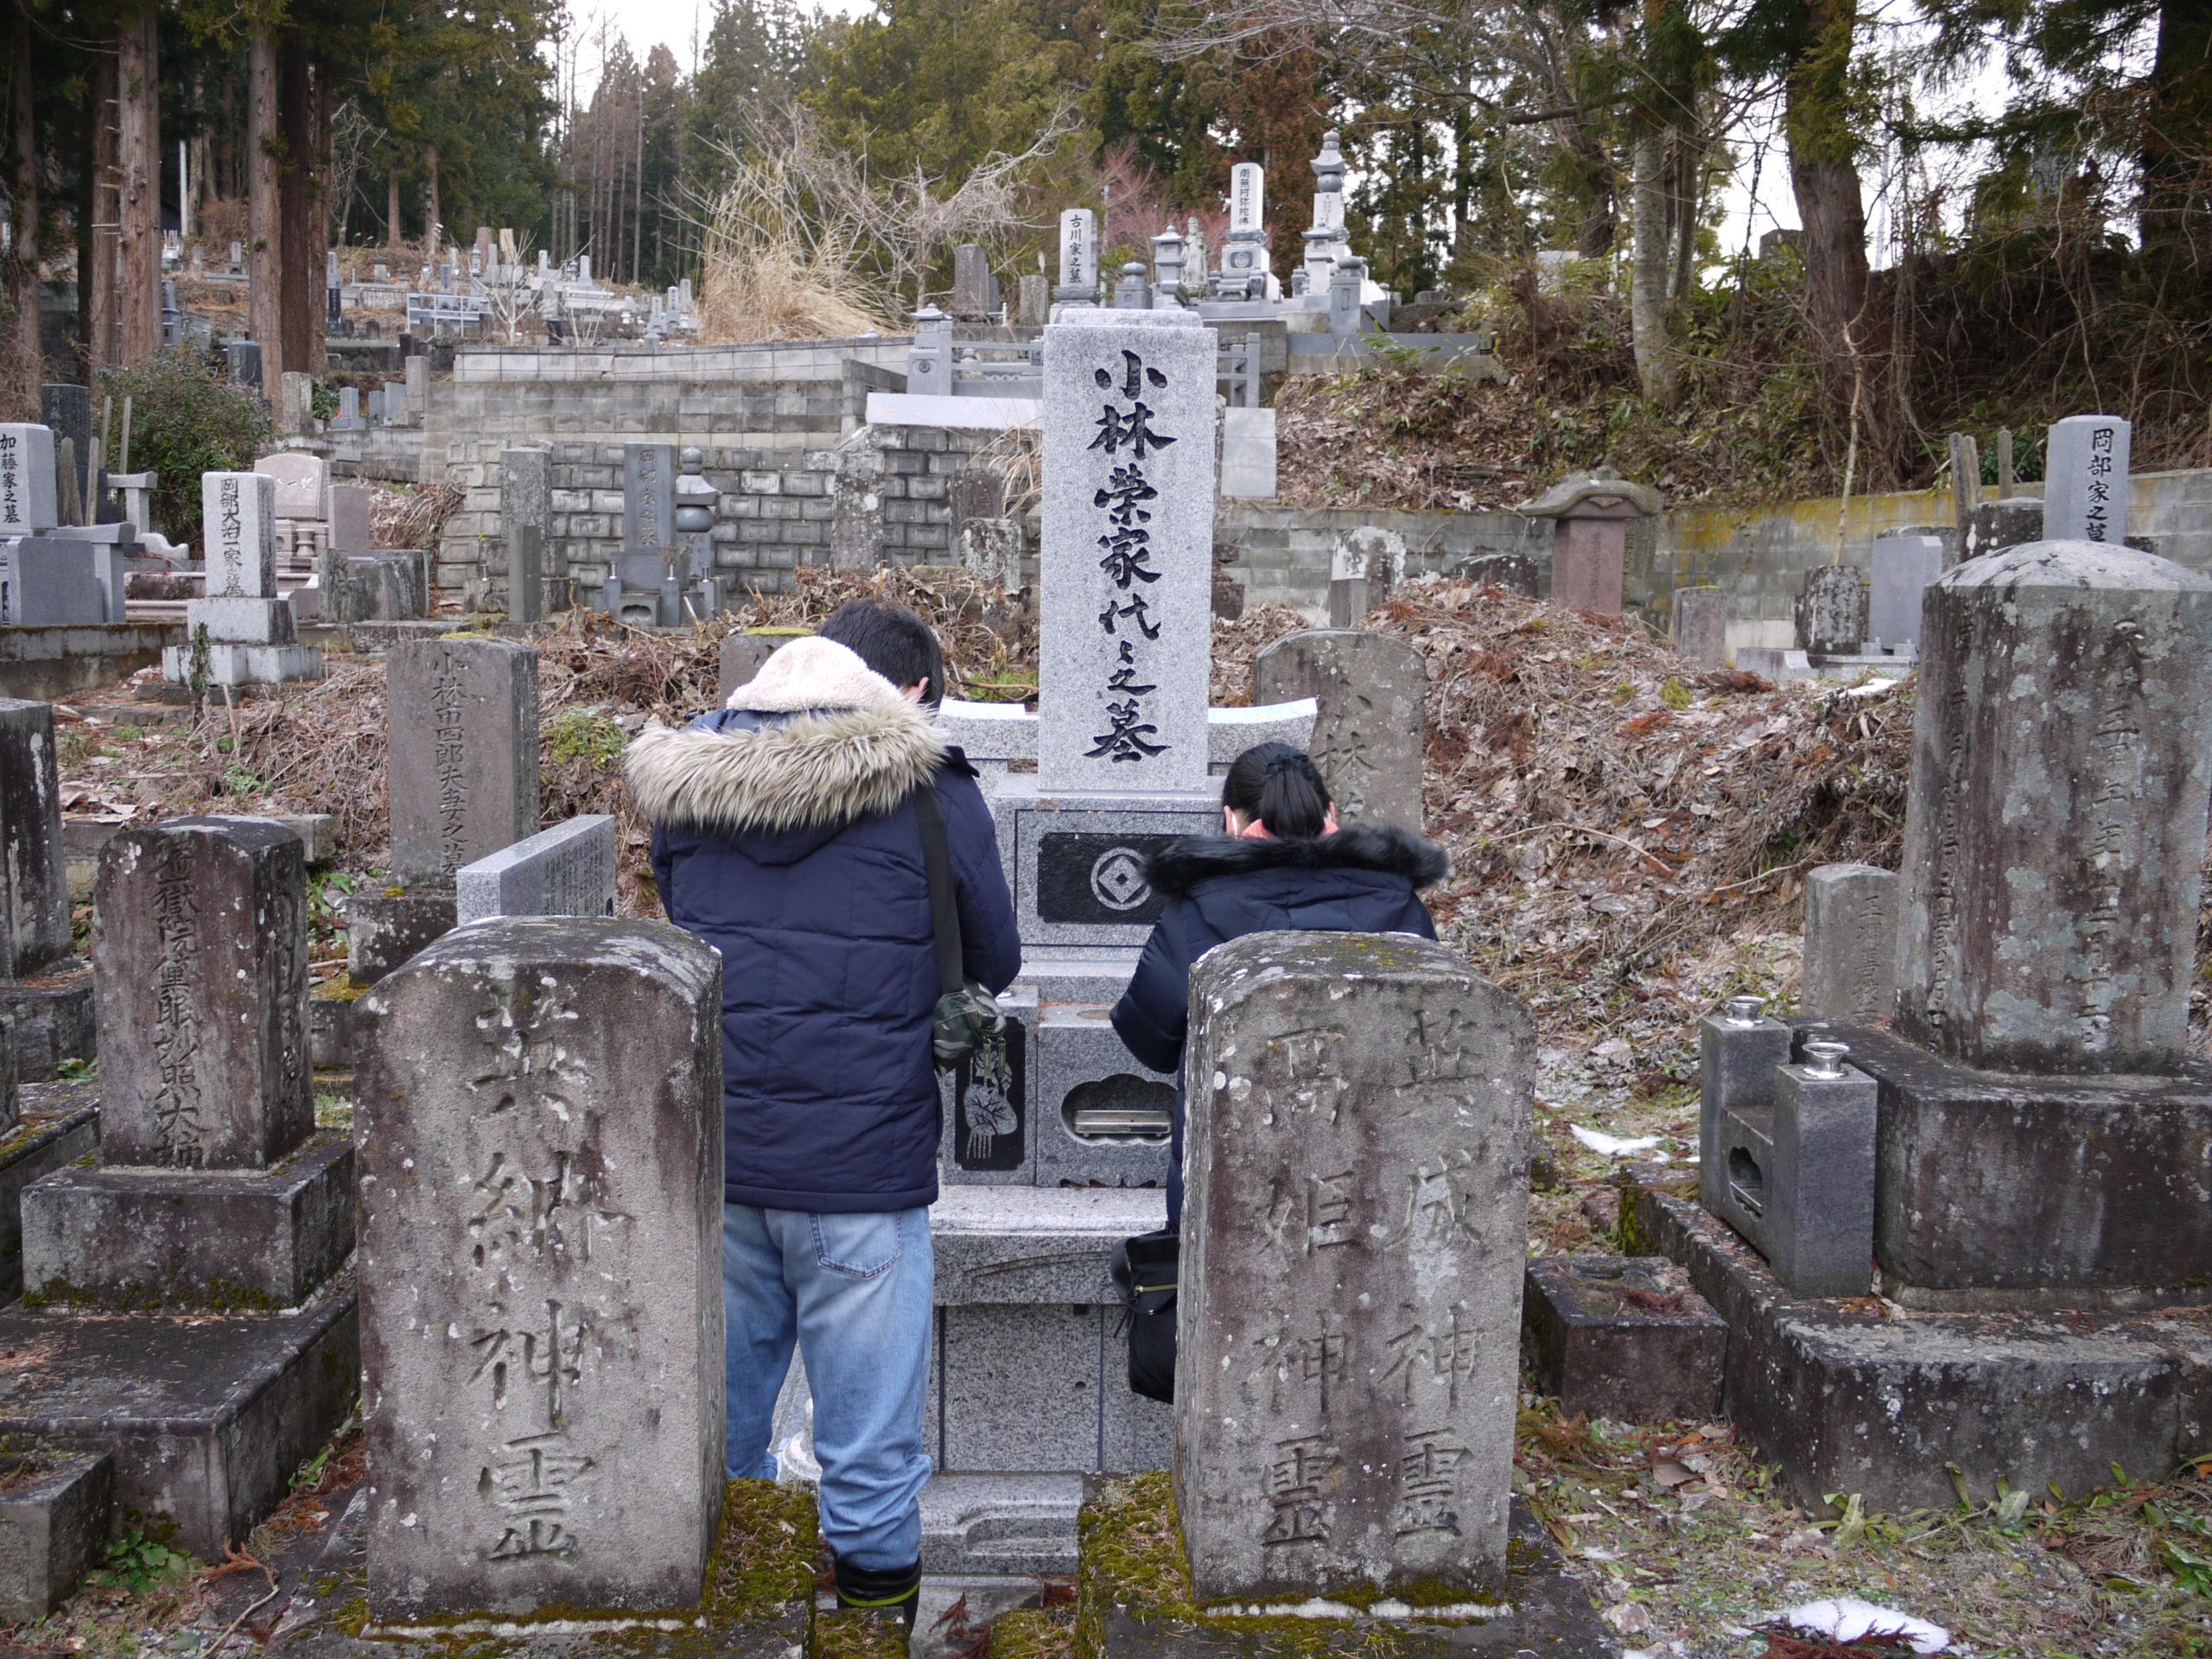 宮城県利府町から小林栄先生の墓参に来られました